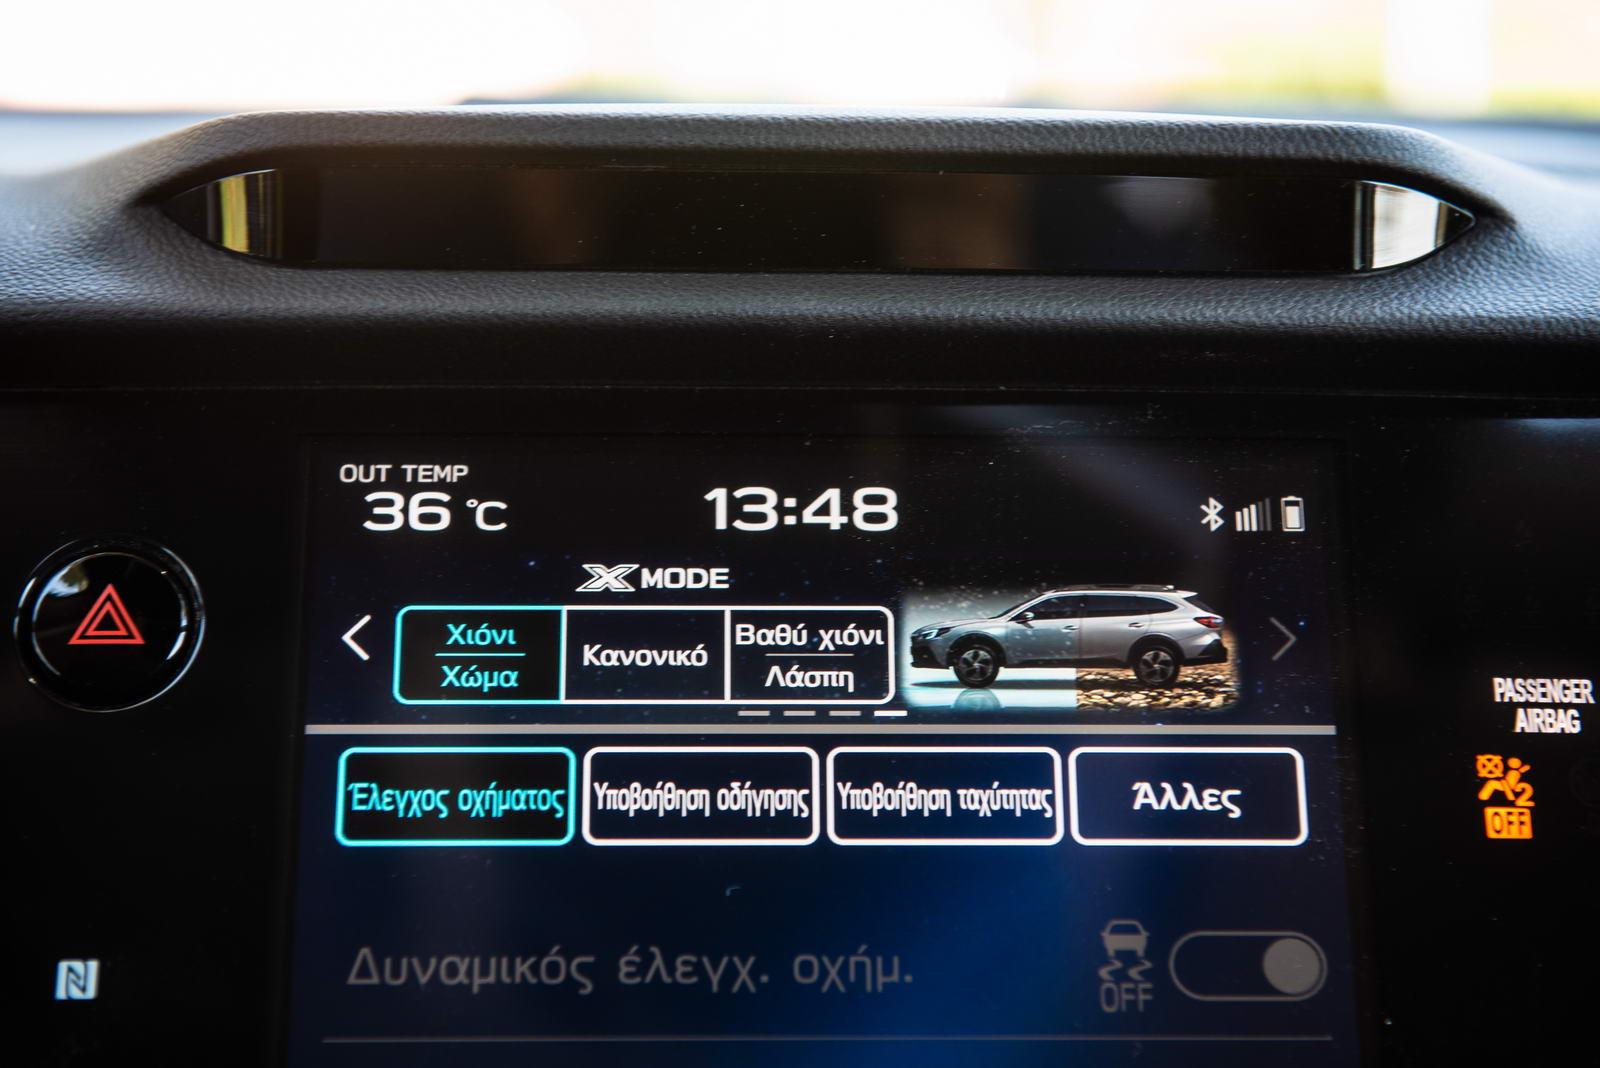 Subaru Outback 015